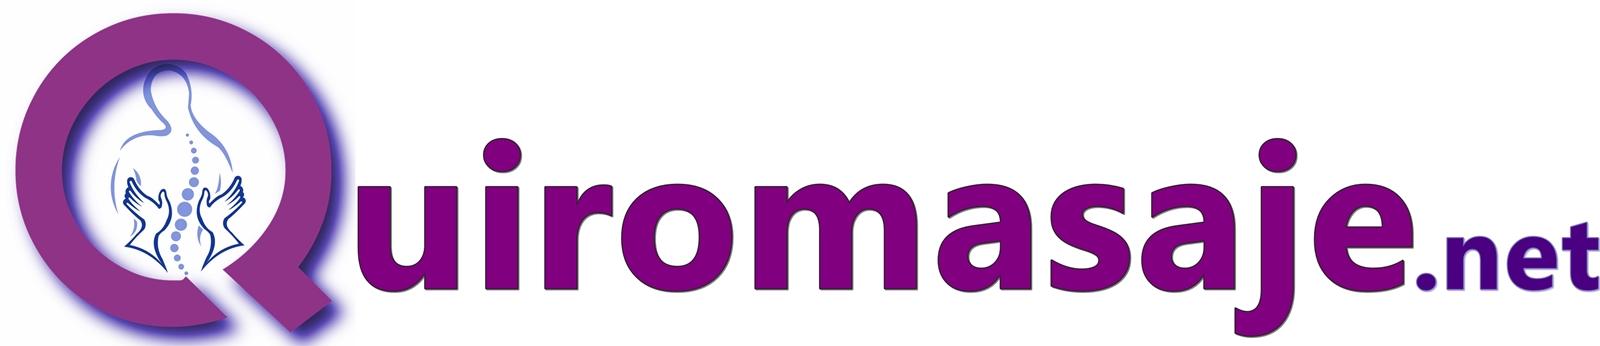 Quiromasaje.net La web del quiromasaje. Cursos, noticias, libros